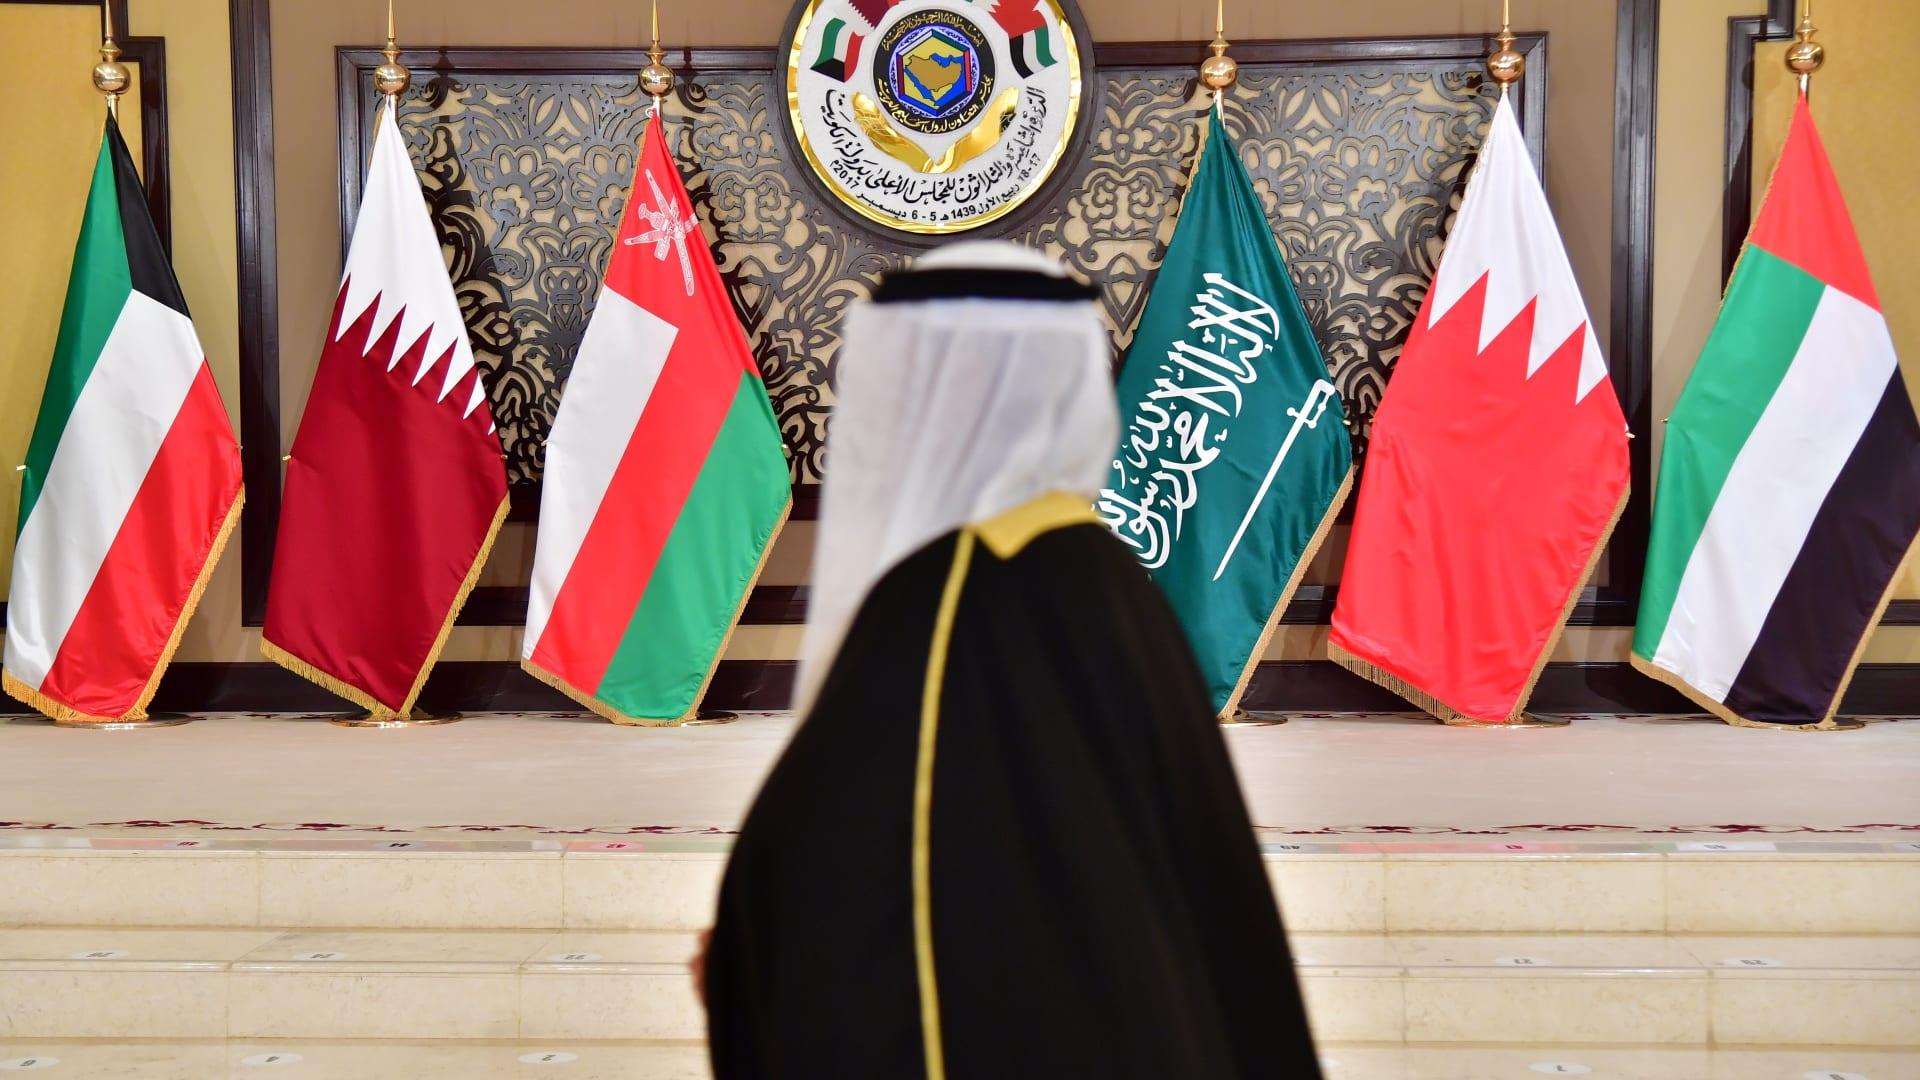 لحظة هبوط طائرة أمير قطر إلى السعودية بعد فتح الحدود والمصالحة الخليجية